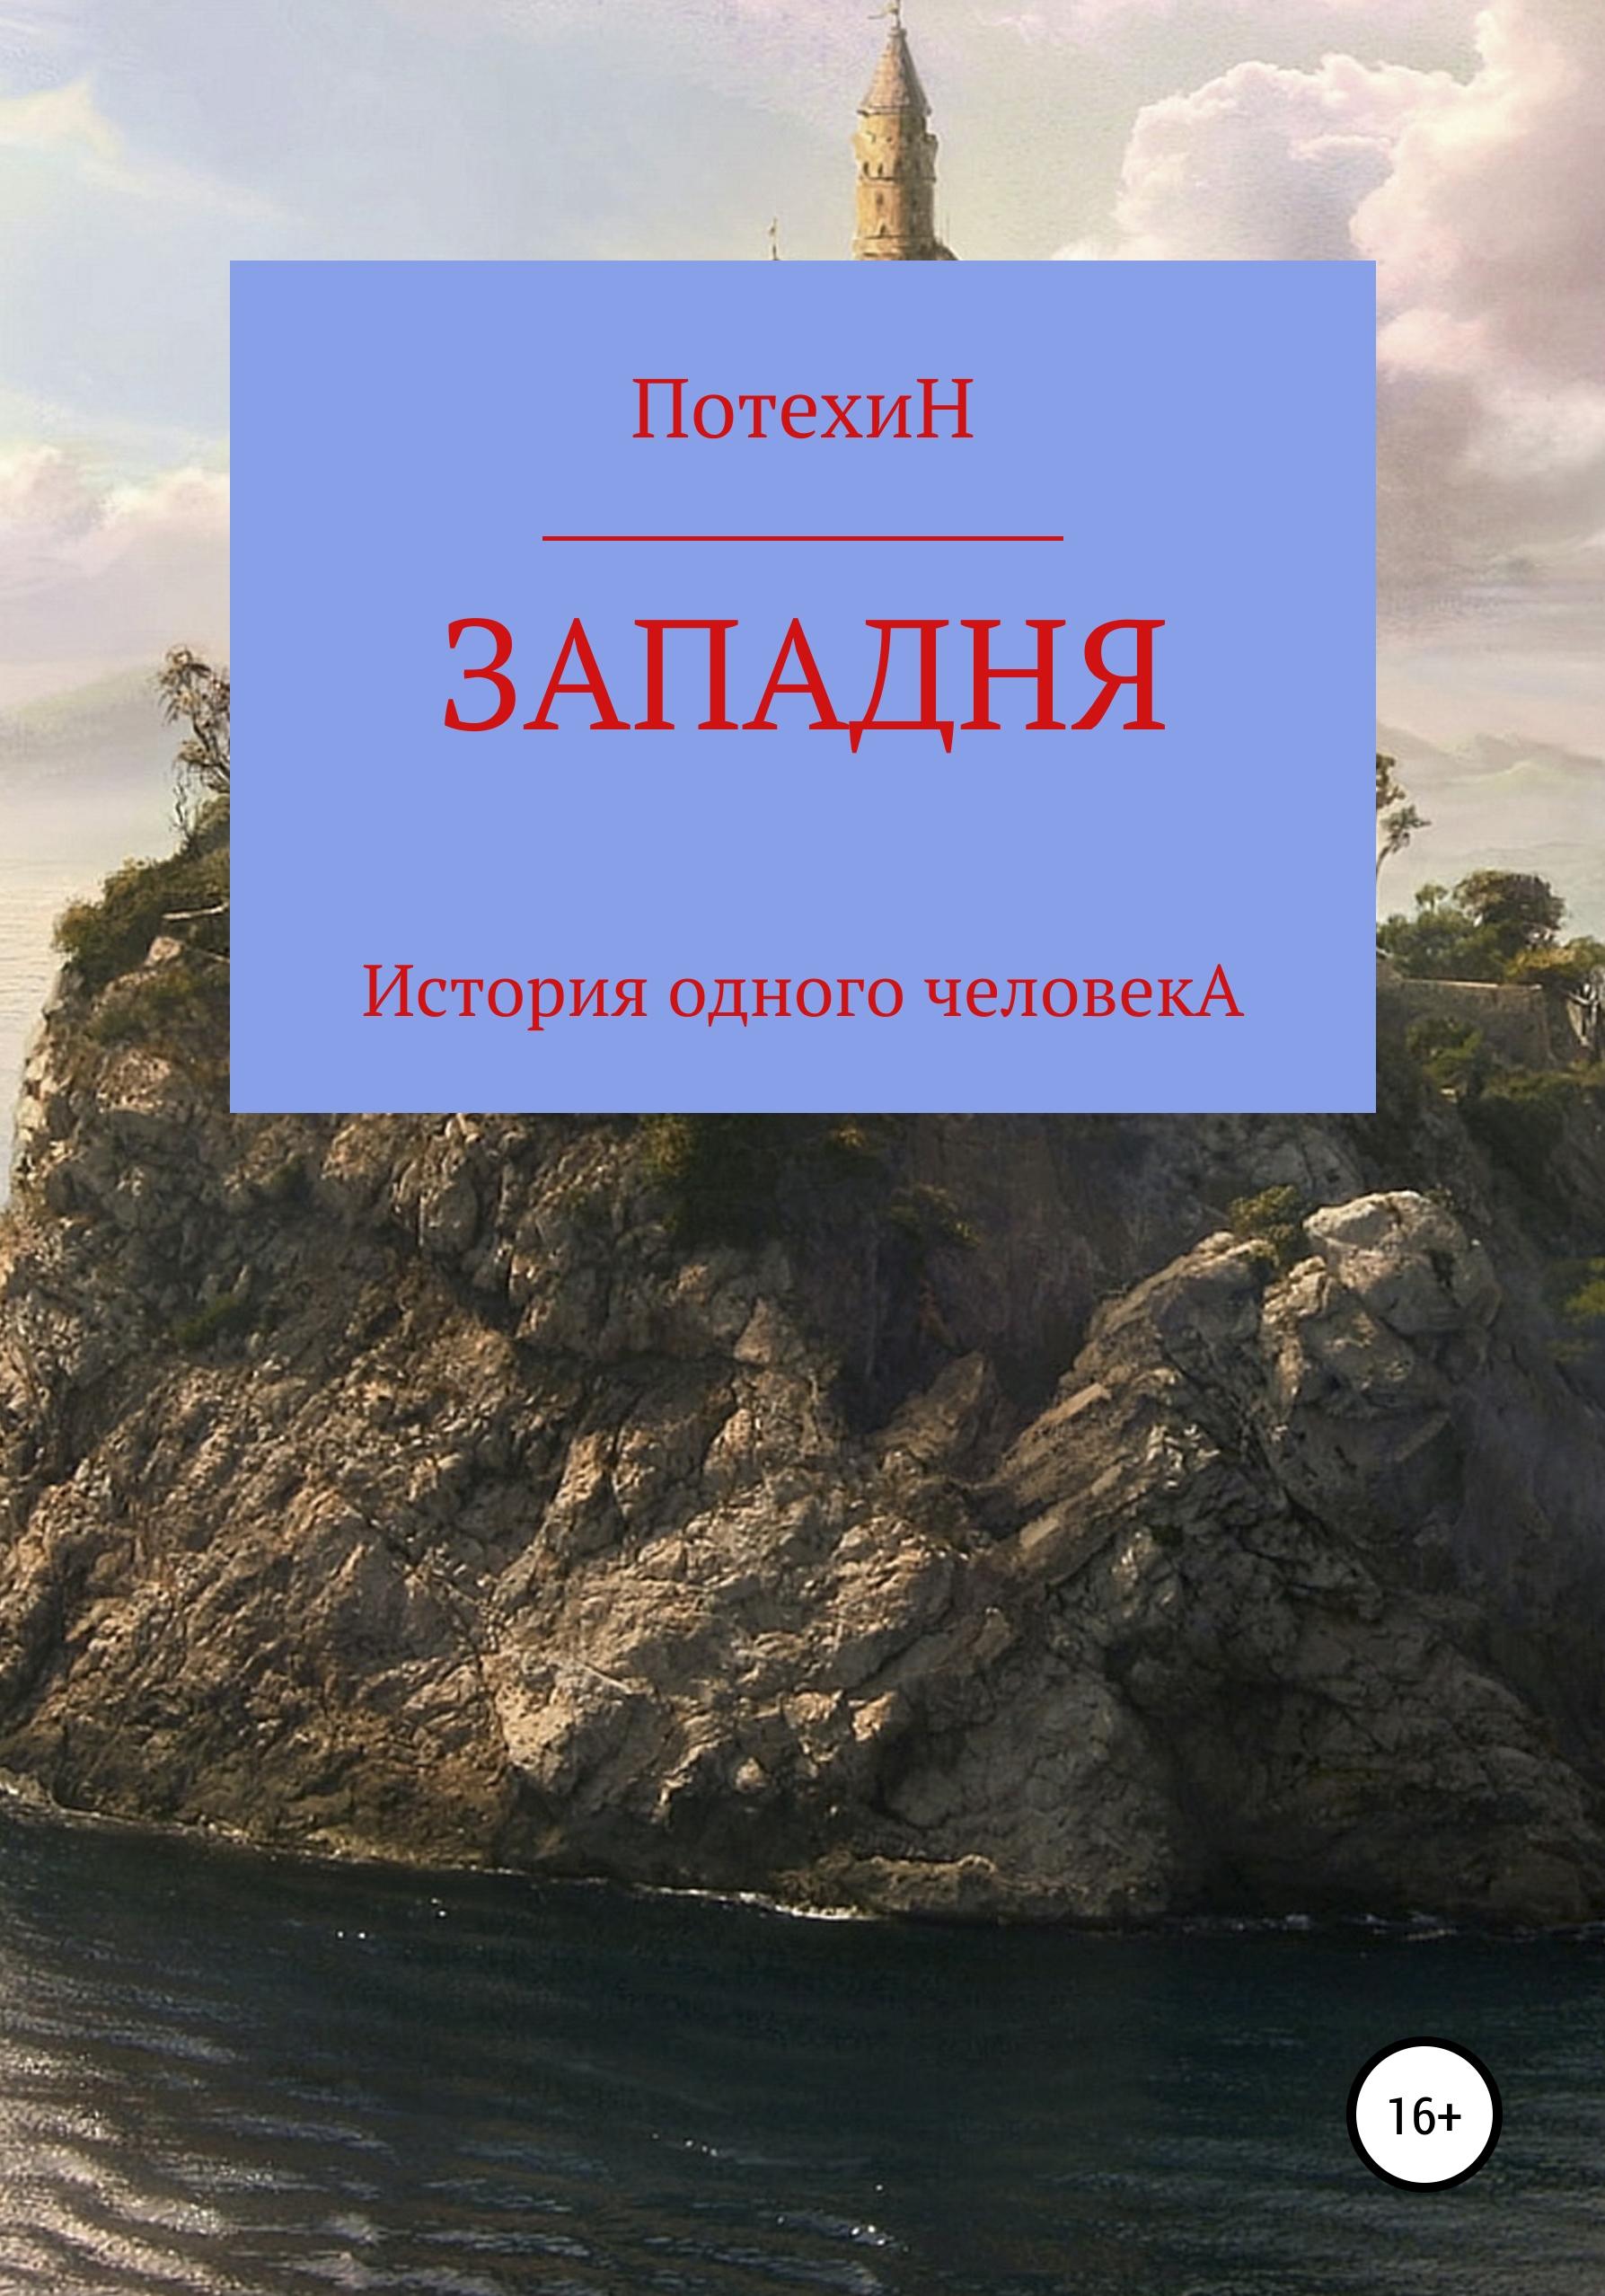 Купить книгу Западня, автора Валерия Николаевича Потехина